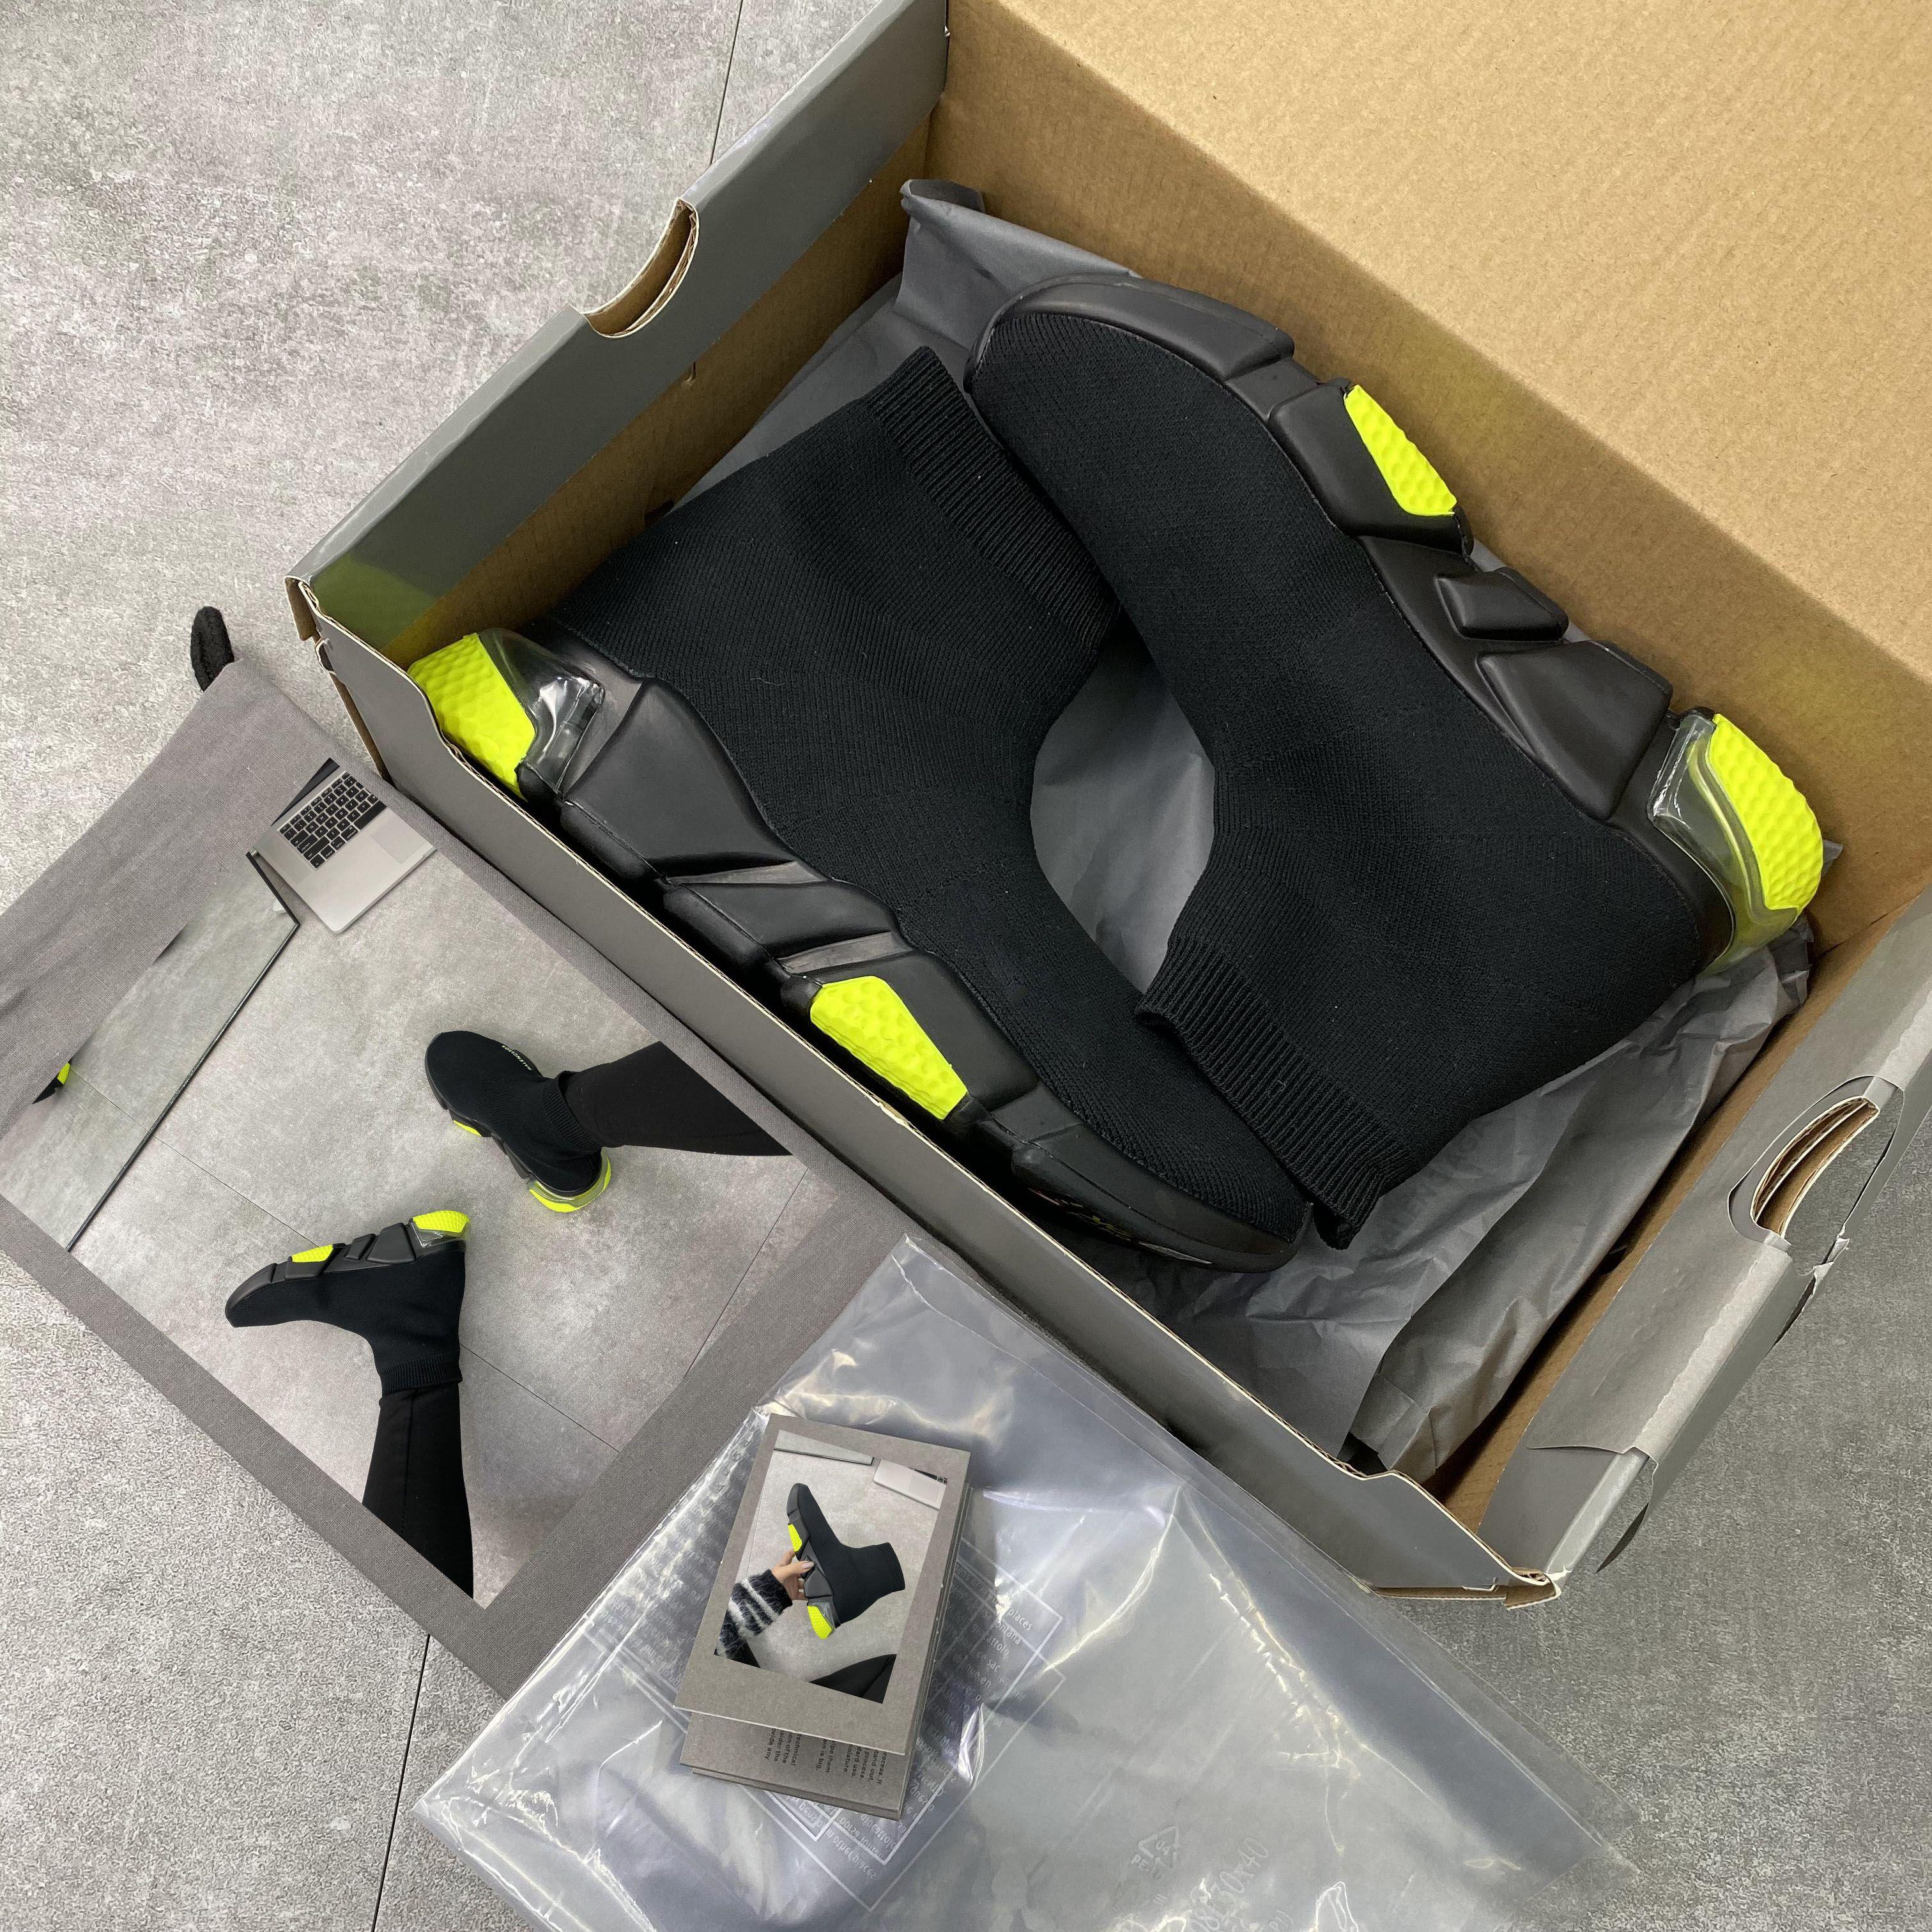 Top-Socken-Designer-Schuhe Handgefertigte High Rot Schwarz Weiß Turnschuhe der Frauen Männer Trainer-beiläufige Schuh-Größe 35-46 mit dem Kasten Staubbeutel